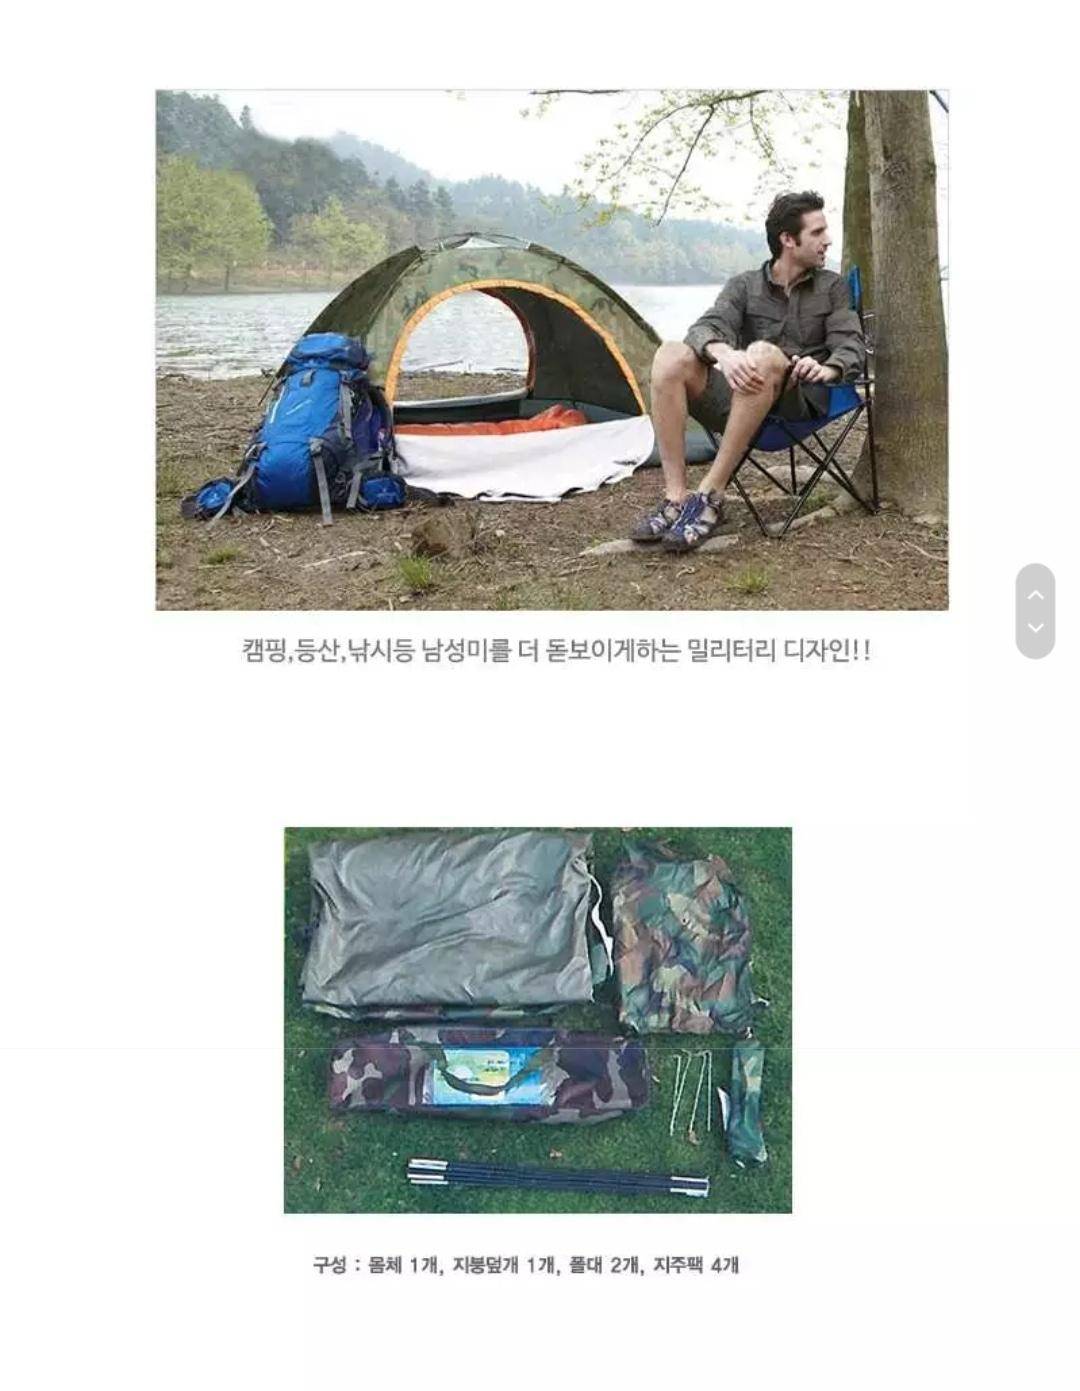 초경량 백캠핑 텐트